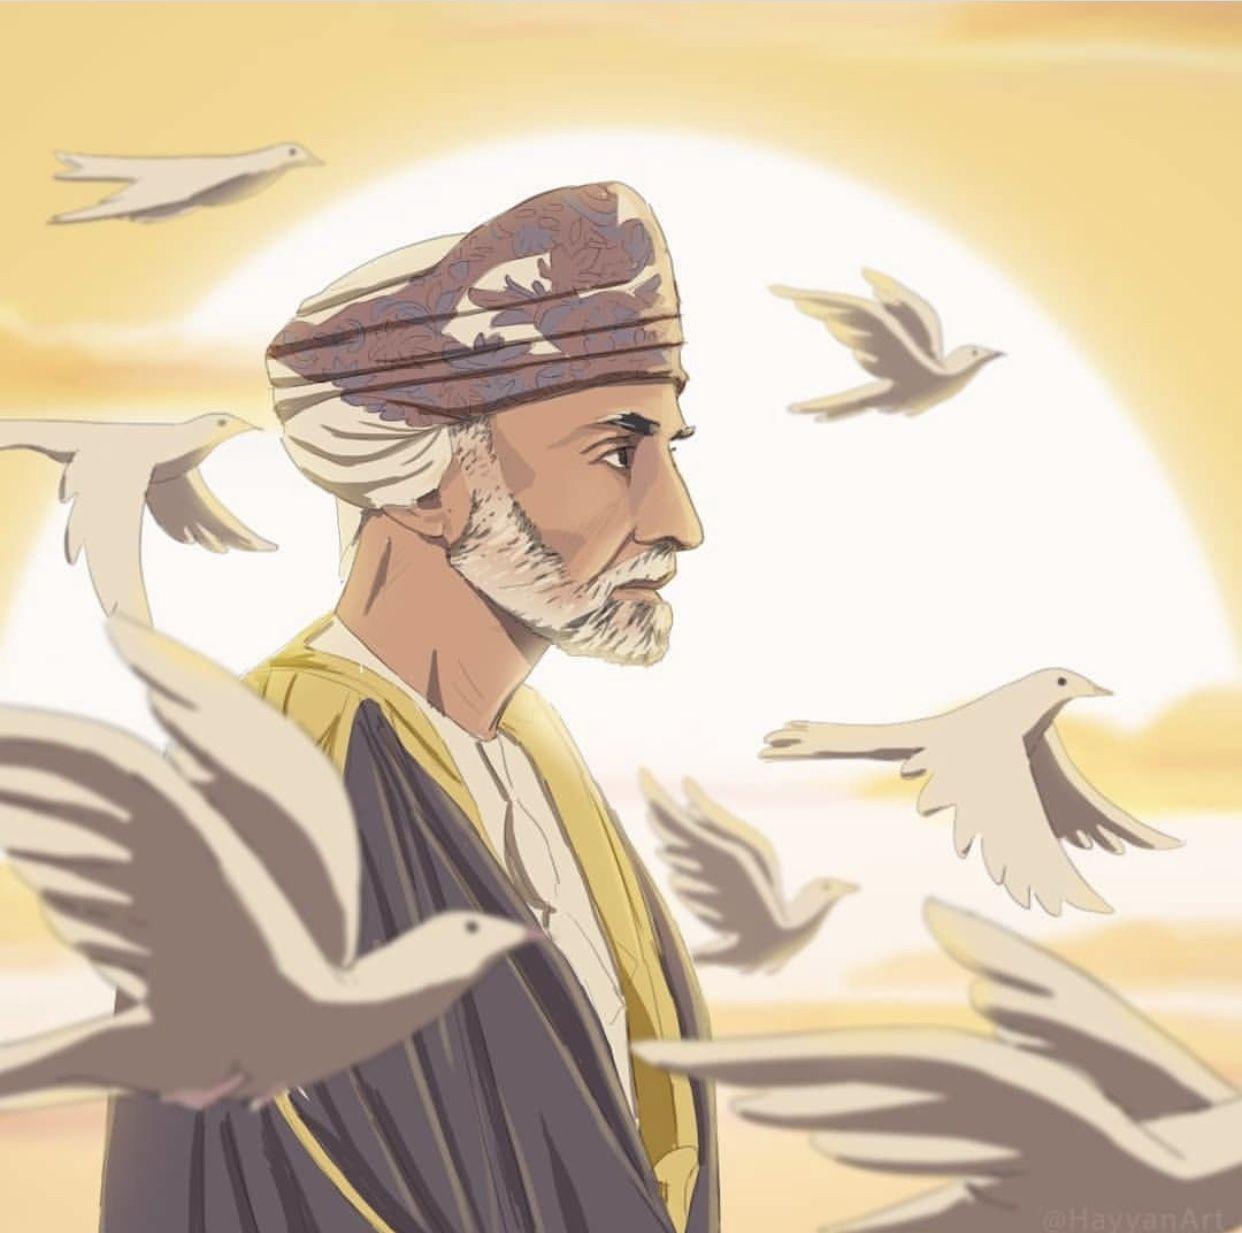 Pin By Danaoman07 On قابوس In 2021 Drawings Sultan Oman Art